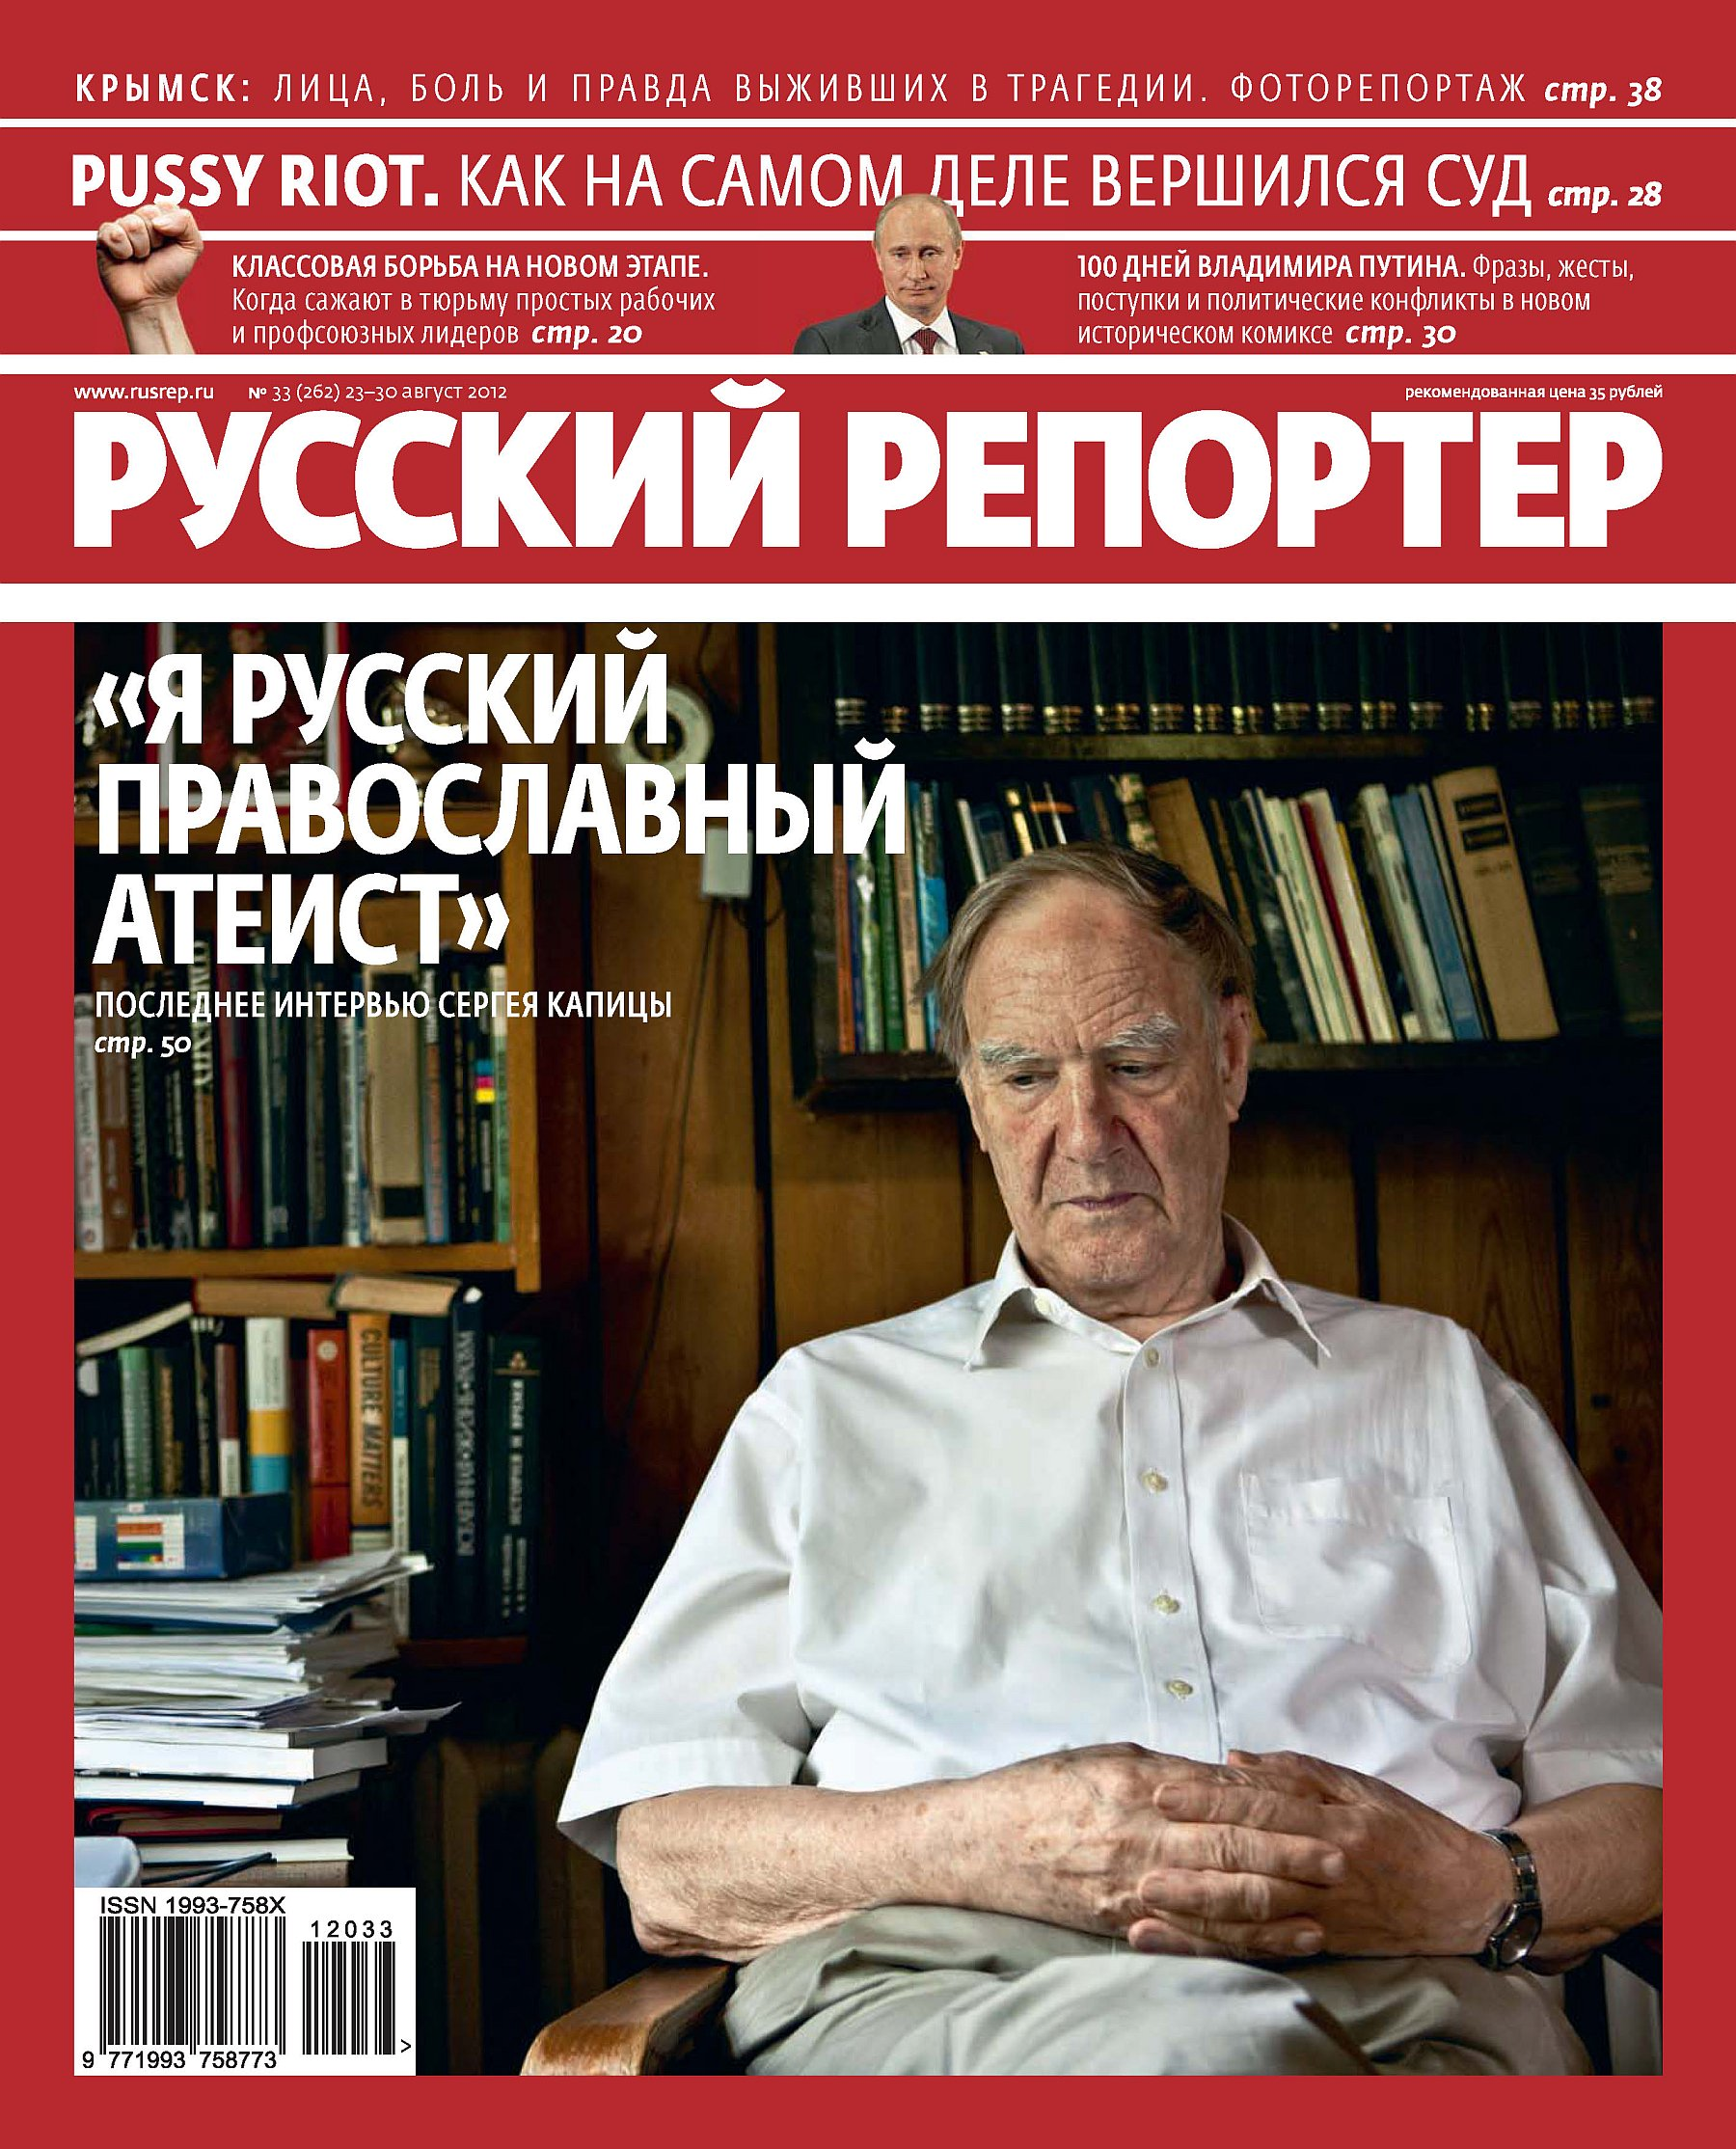 Фото - Отсутствует Русский Репортер №33/2012 отсутствует русский репортер 15 2012